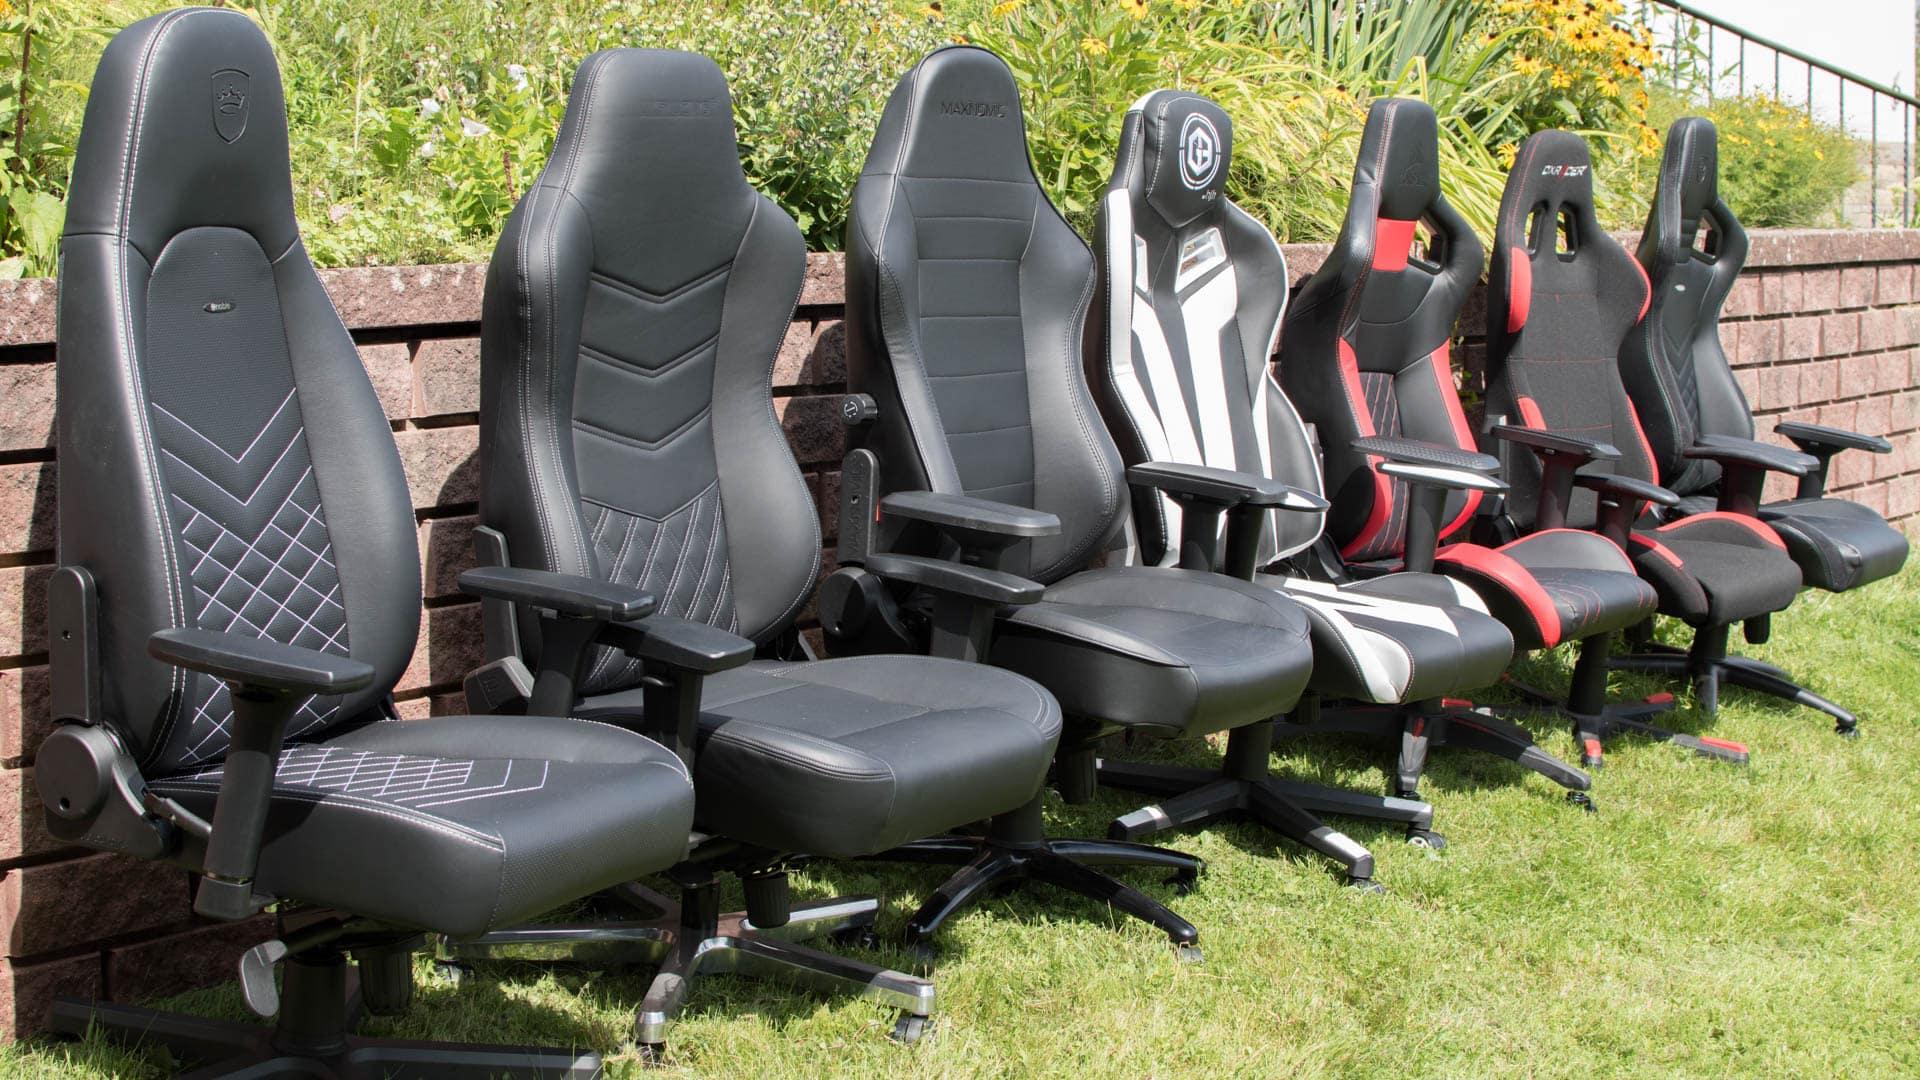 12x Gaming Chairs im Vergleich, welcher ist der beste im Jahr 2021?